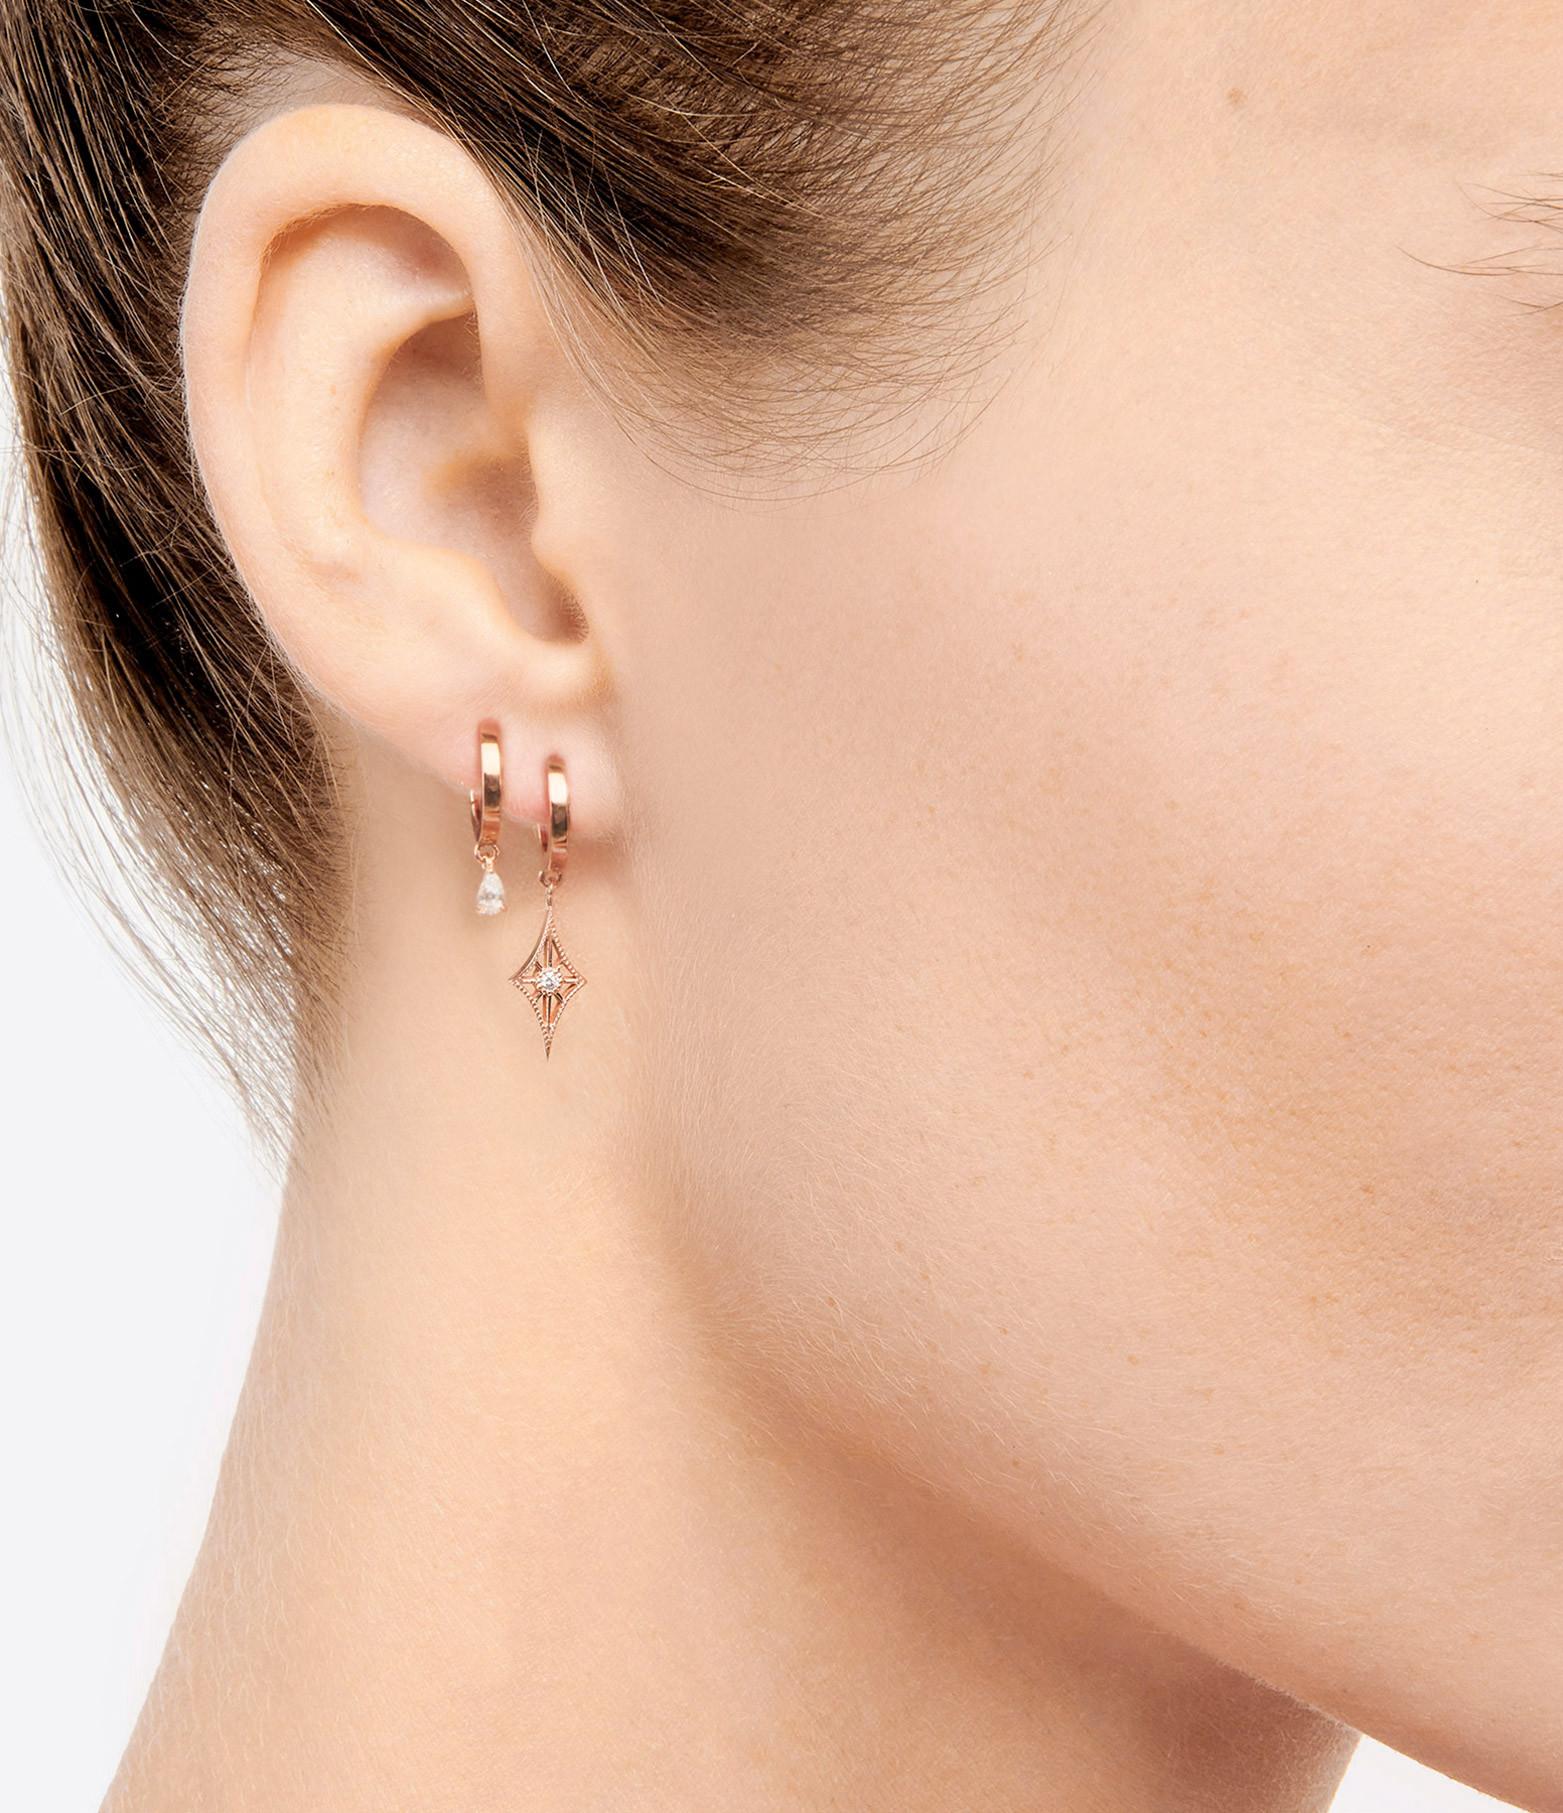 NAVA JOAILLERIE - Boucle d'oreille Cheyenne Losange Or Rose (vendue à l'unité)